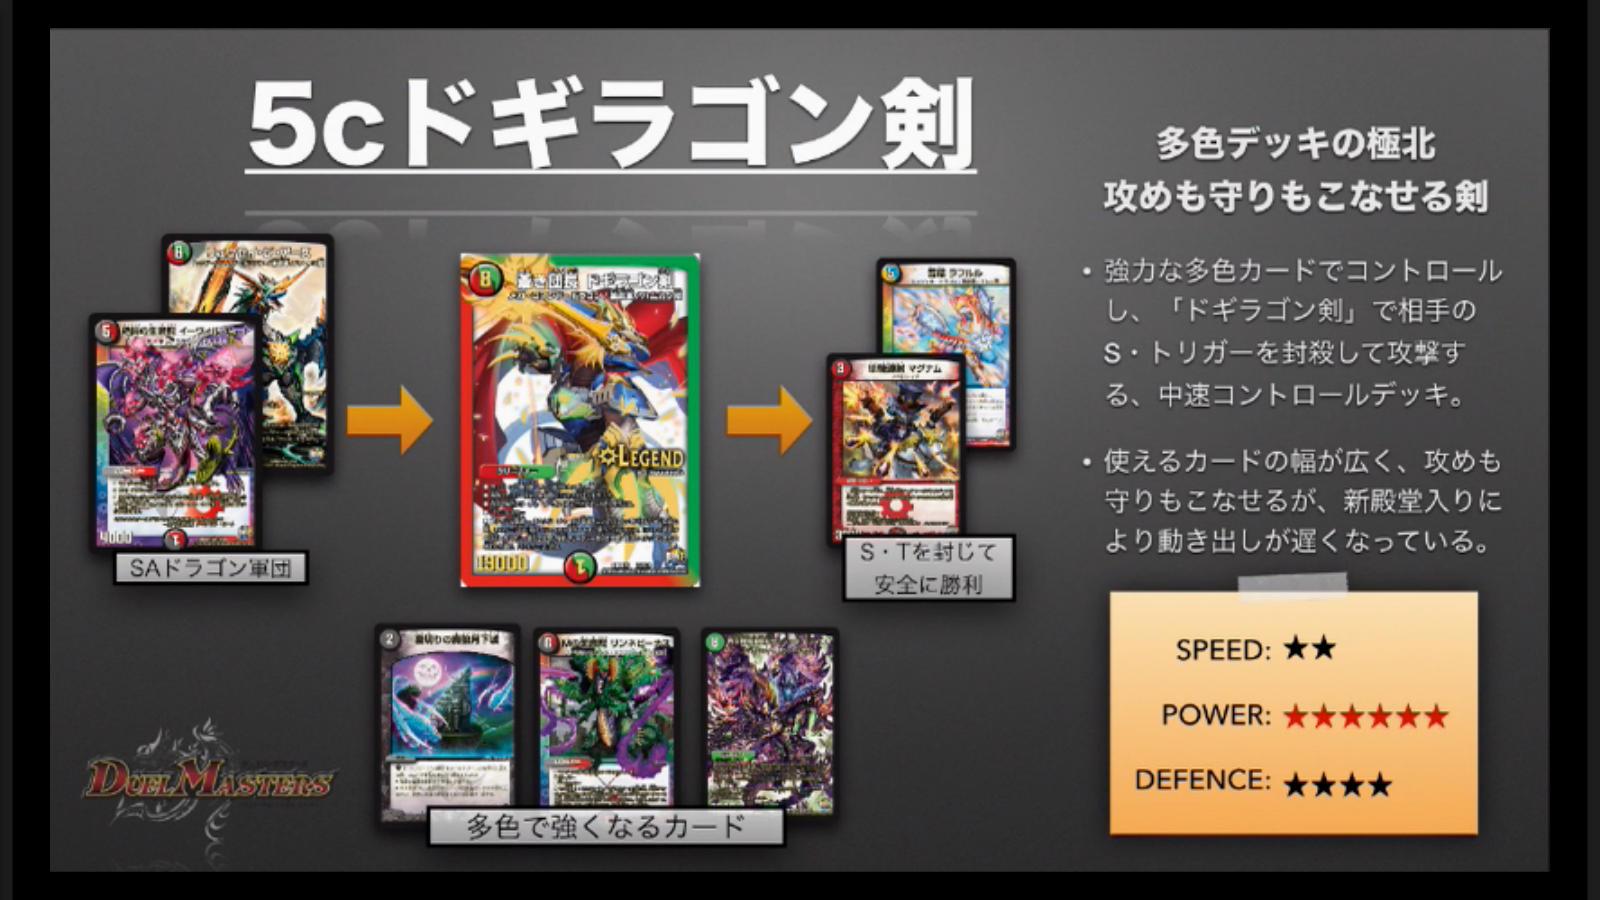 dm-kakumei-finalcup-news-170226-037.jpg